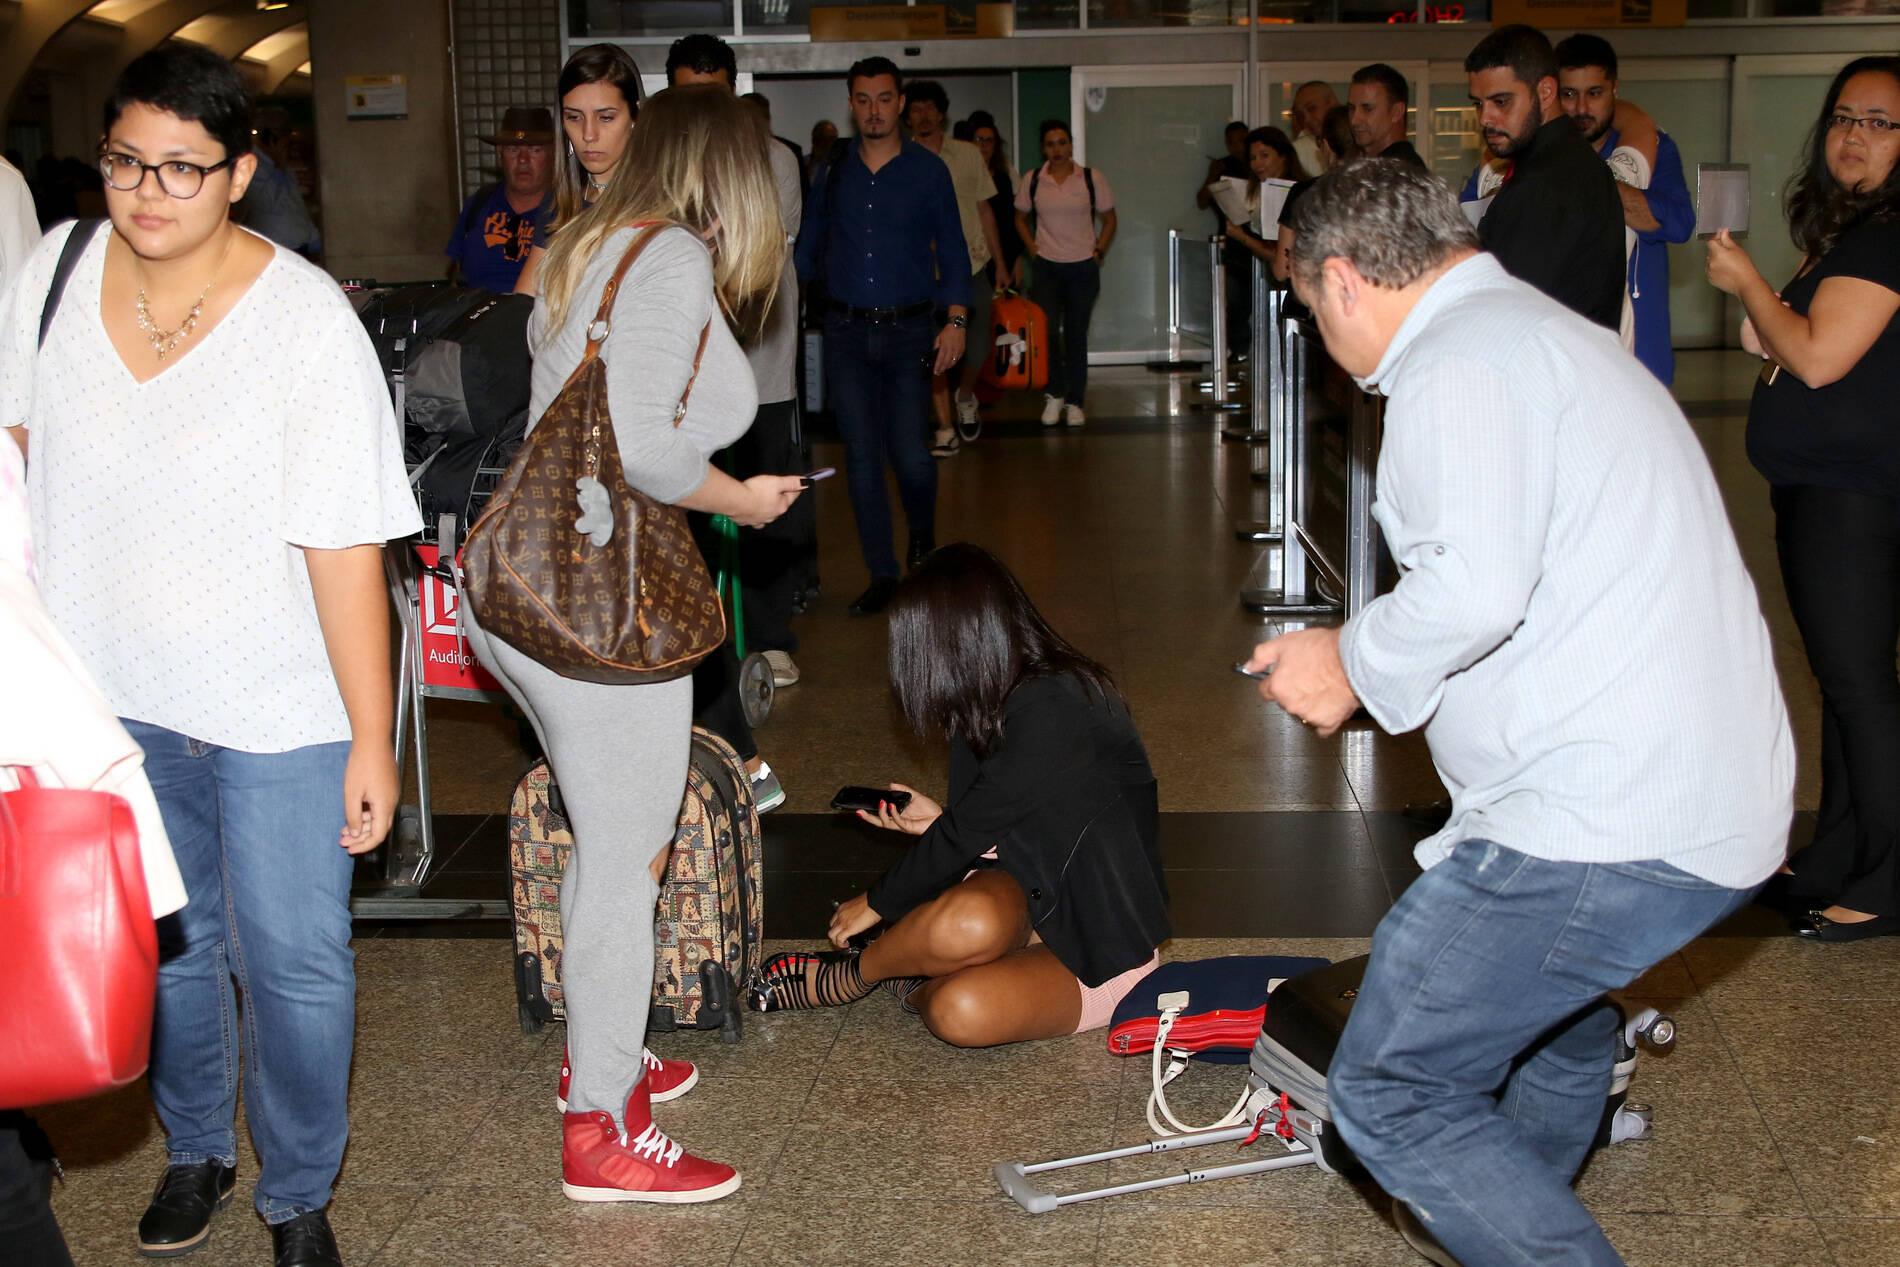 Débora Dunhill causa furor no aeroporto de Congonnhas, em SP, ao quebrar o salto e cair no chão sem calcinha. A Ex-Miss Bumbum estava acompanhada da modelo Danny Moraes. Foto: Divulgação / AgNews